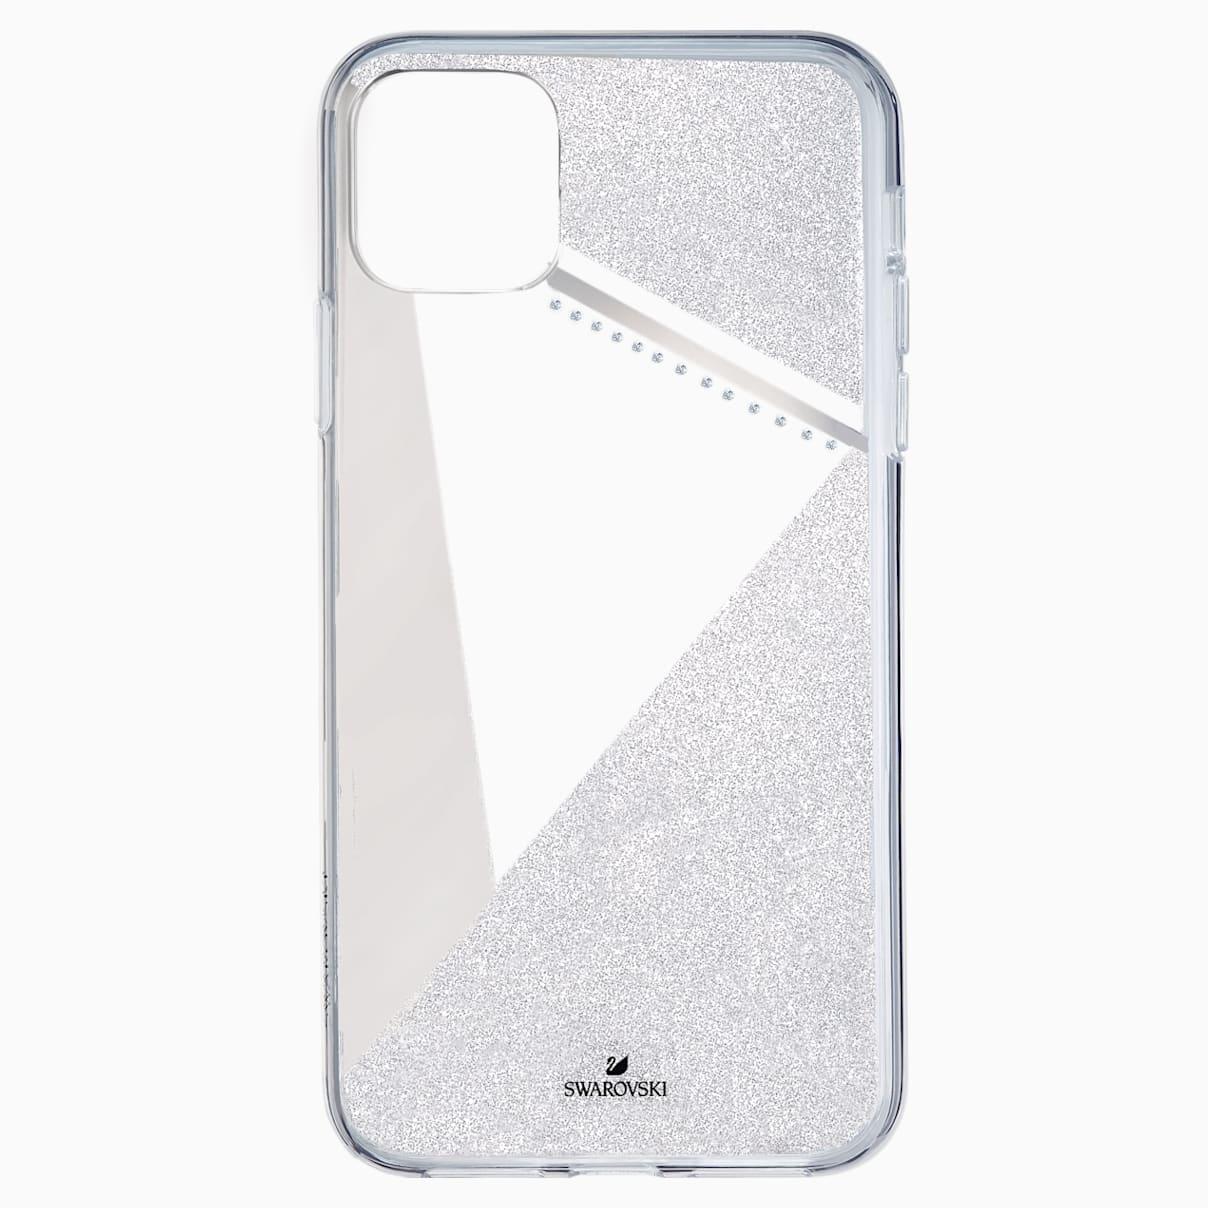 Swarovski Subtle Smartphone Case with Bumper, iPhone® 11 Pro Max, Silver tone